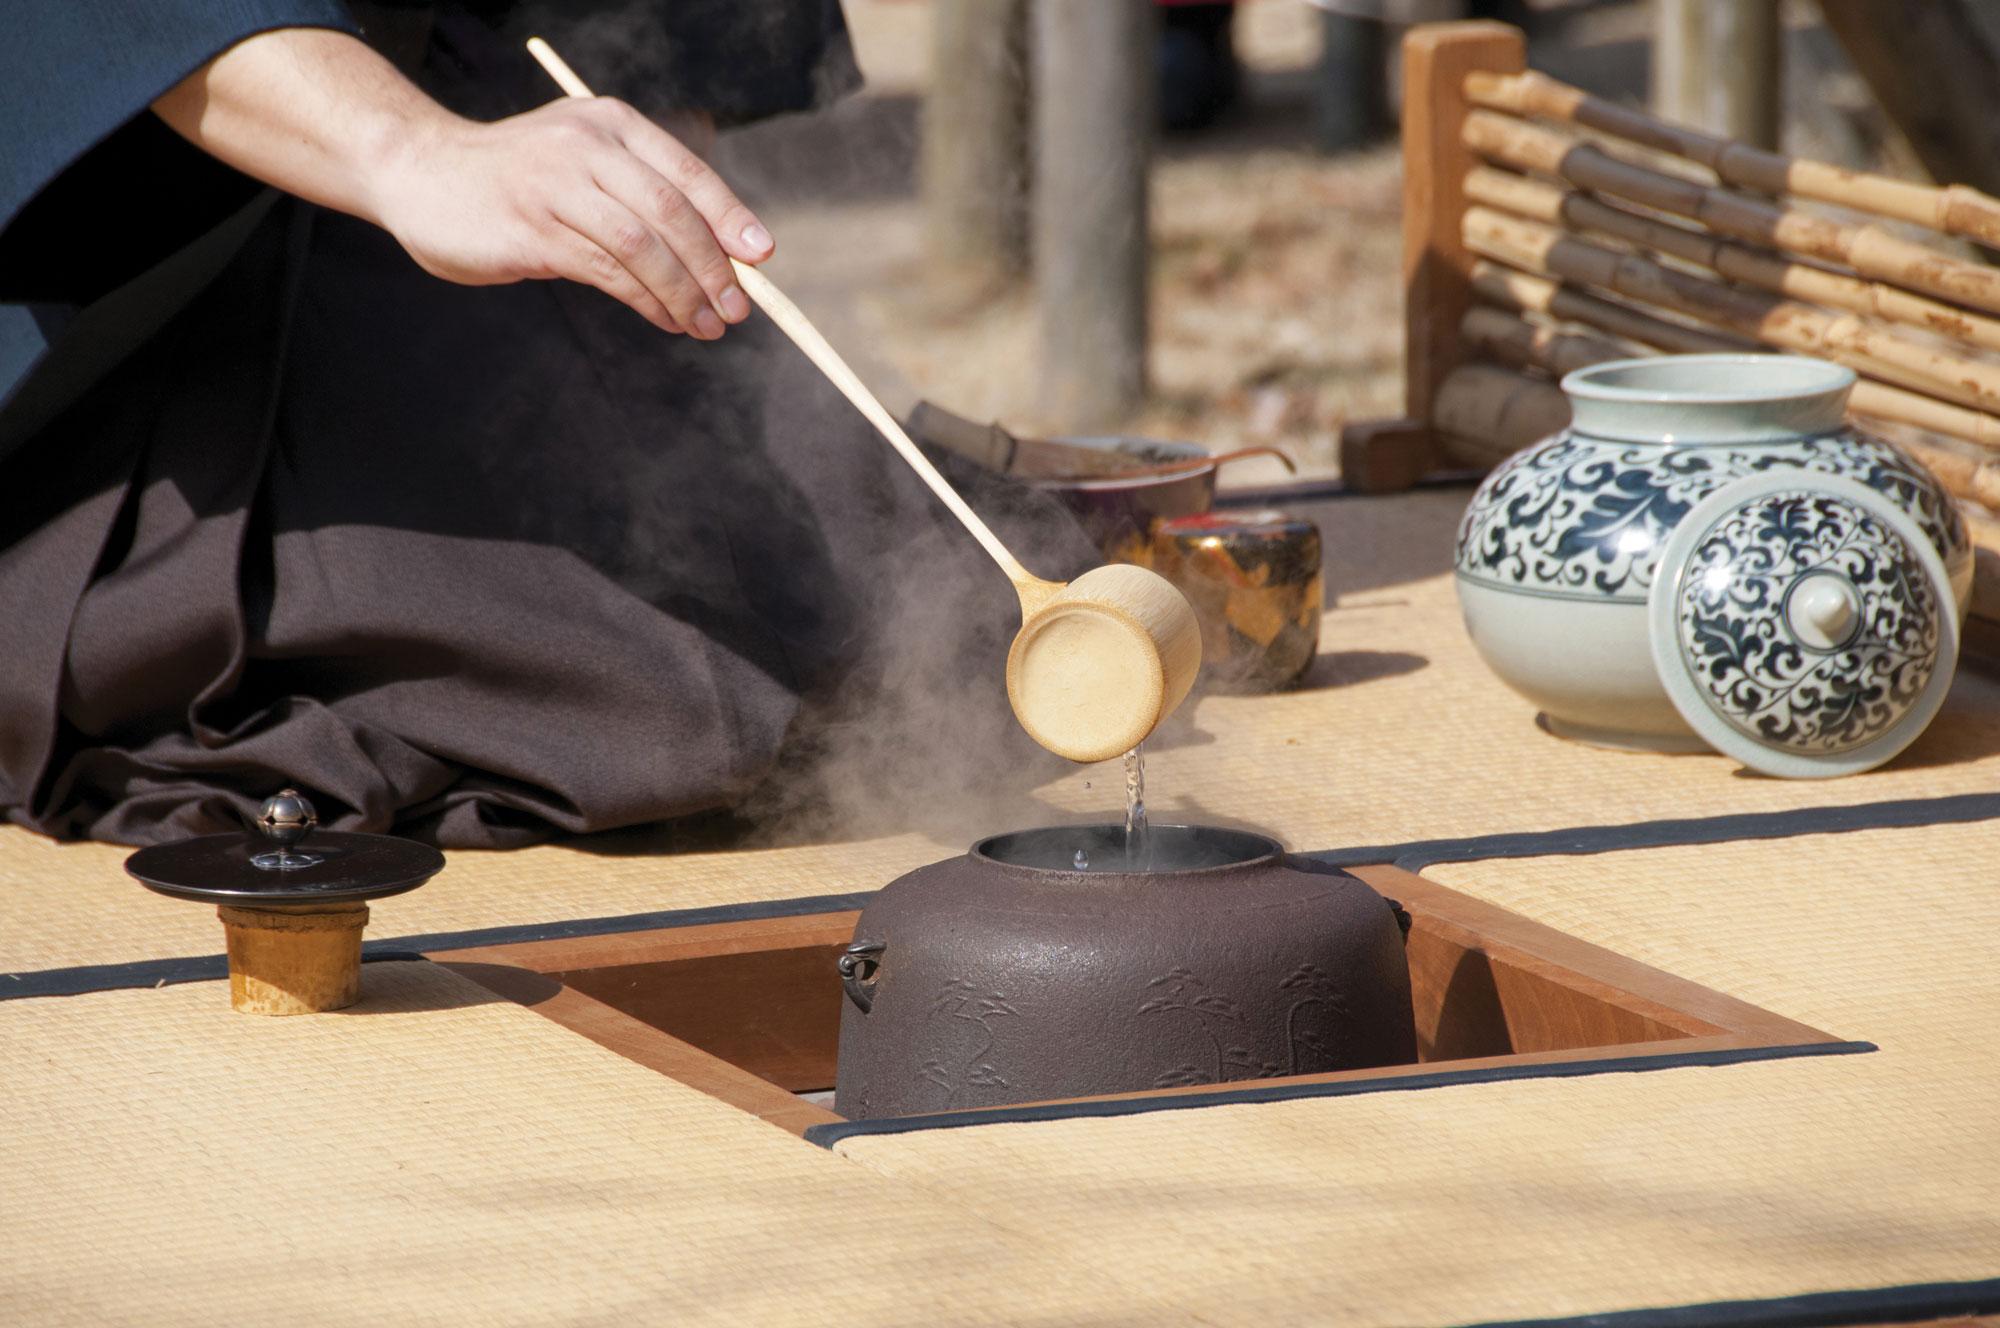 everyday luxury_The Japanese tea ceremony